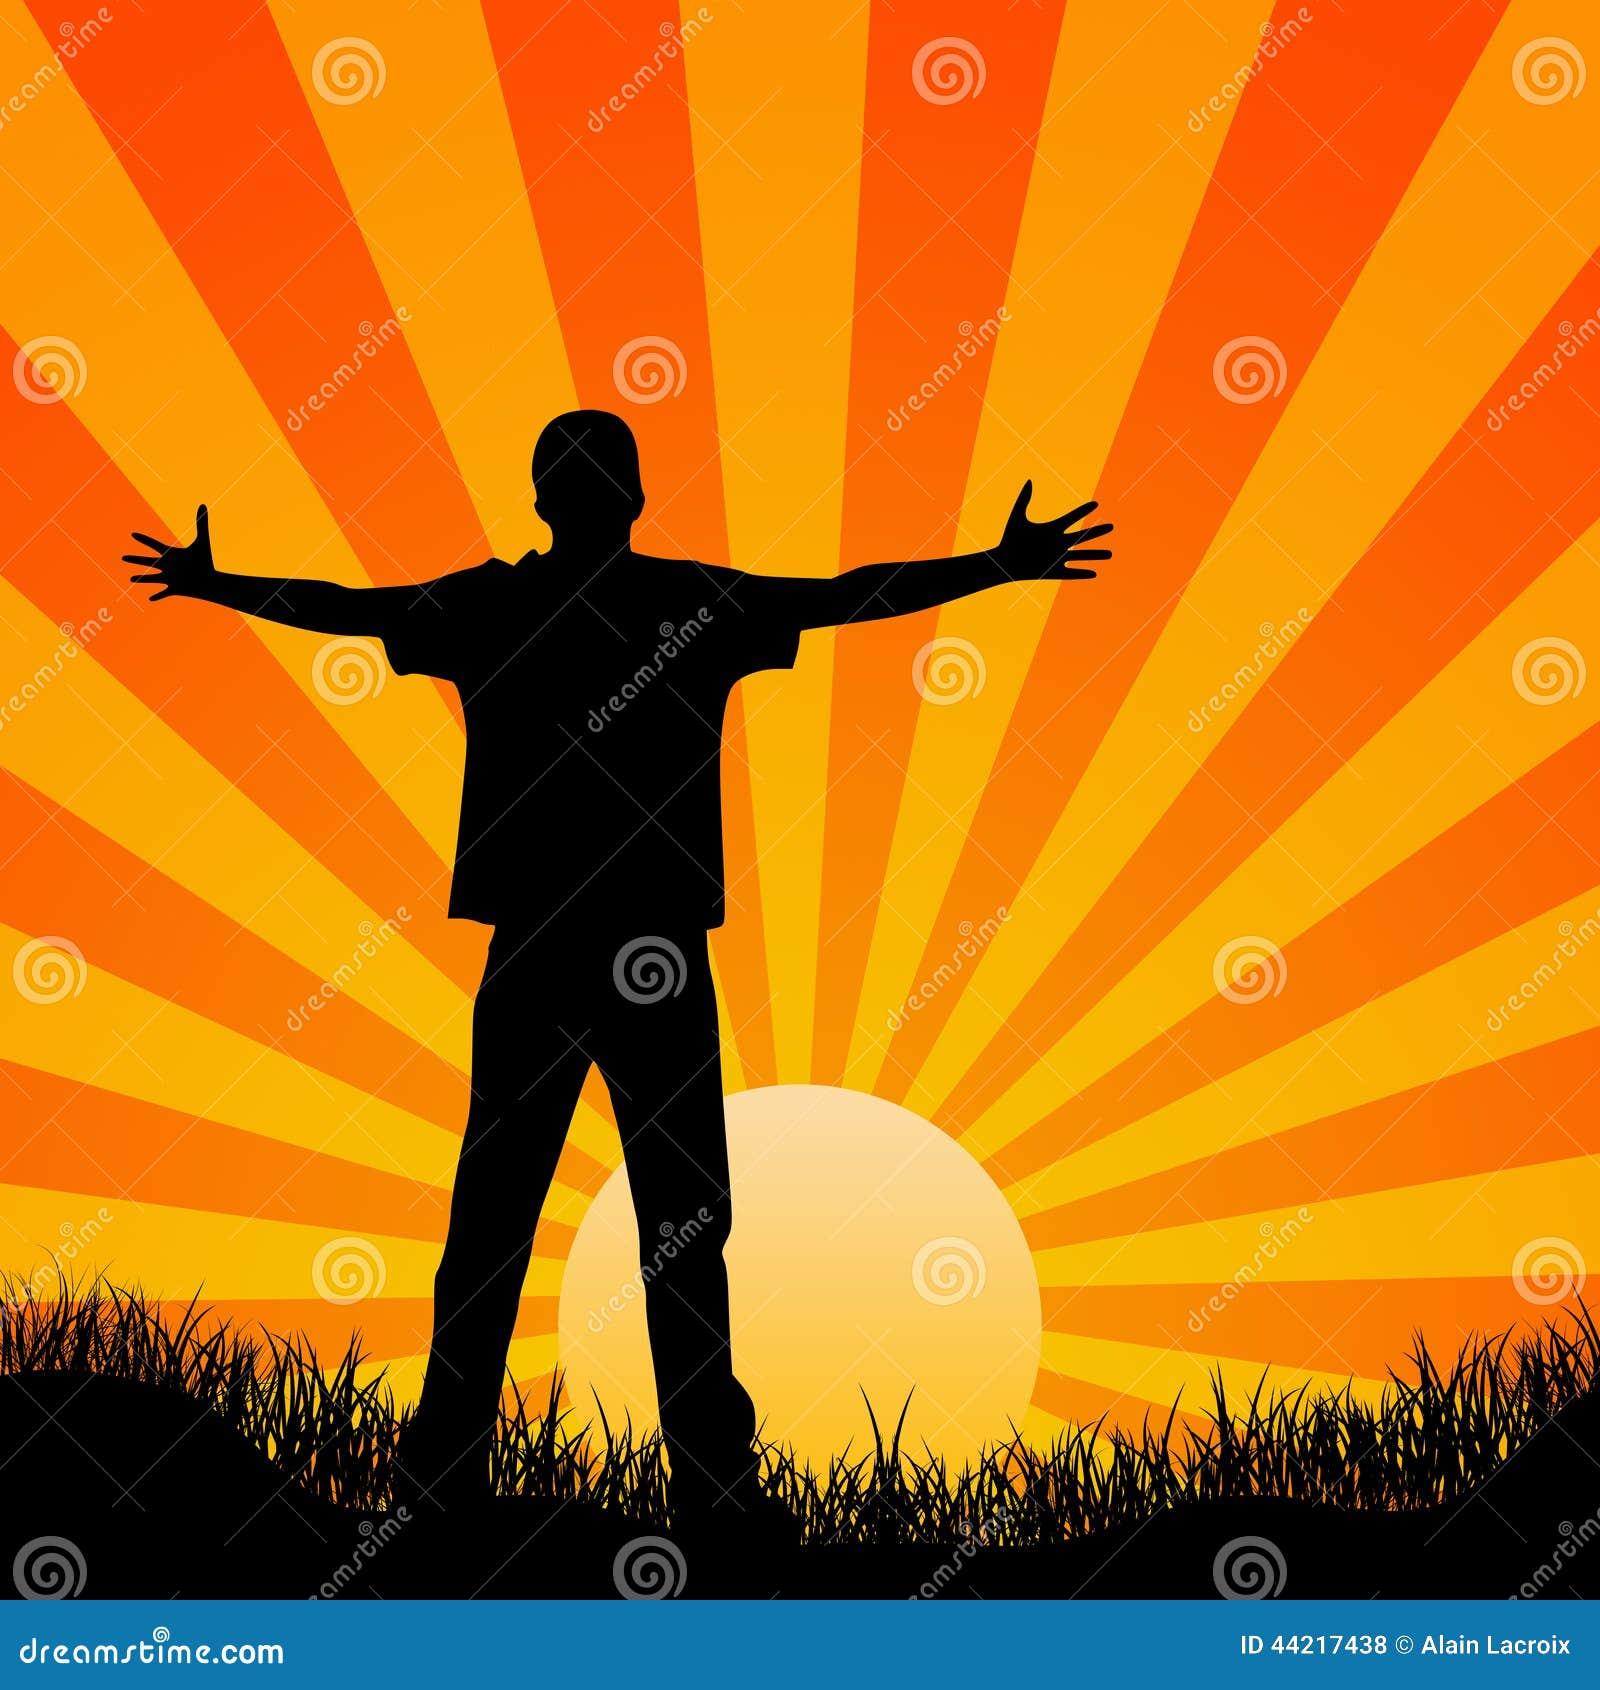 Feeling Free Stock Illustration Image 44217438